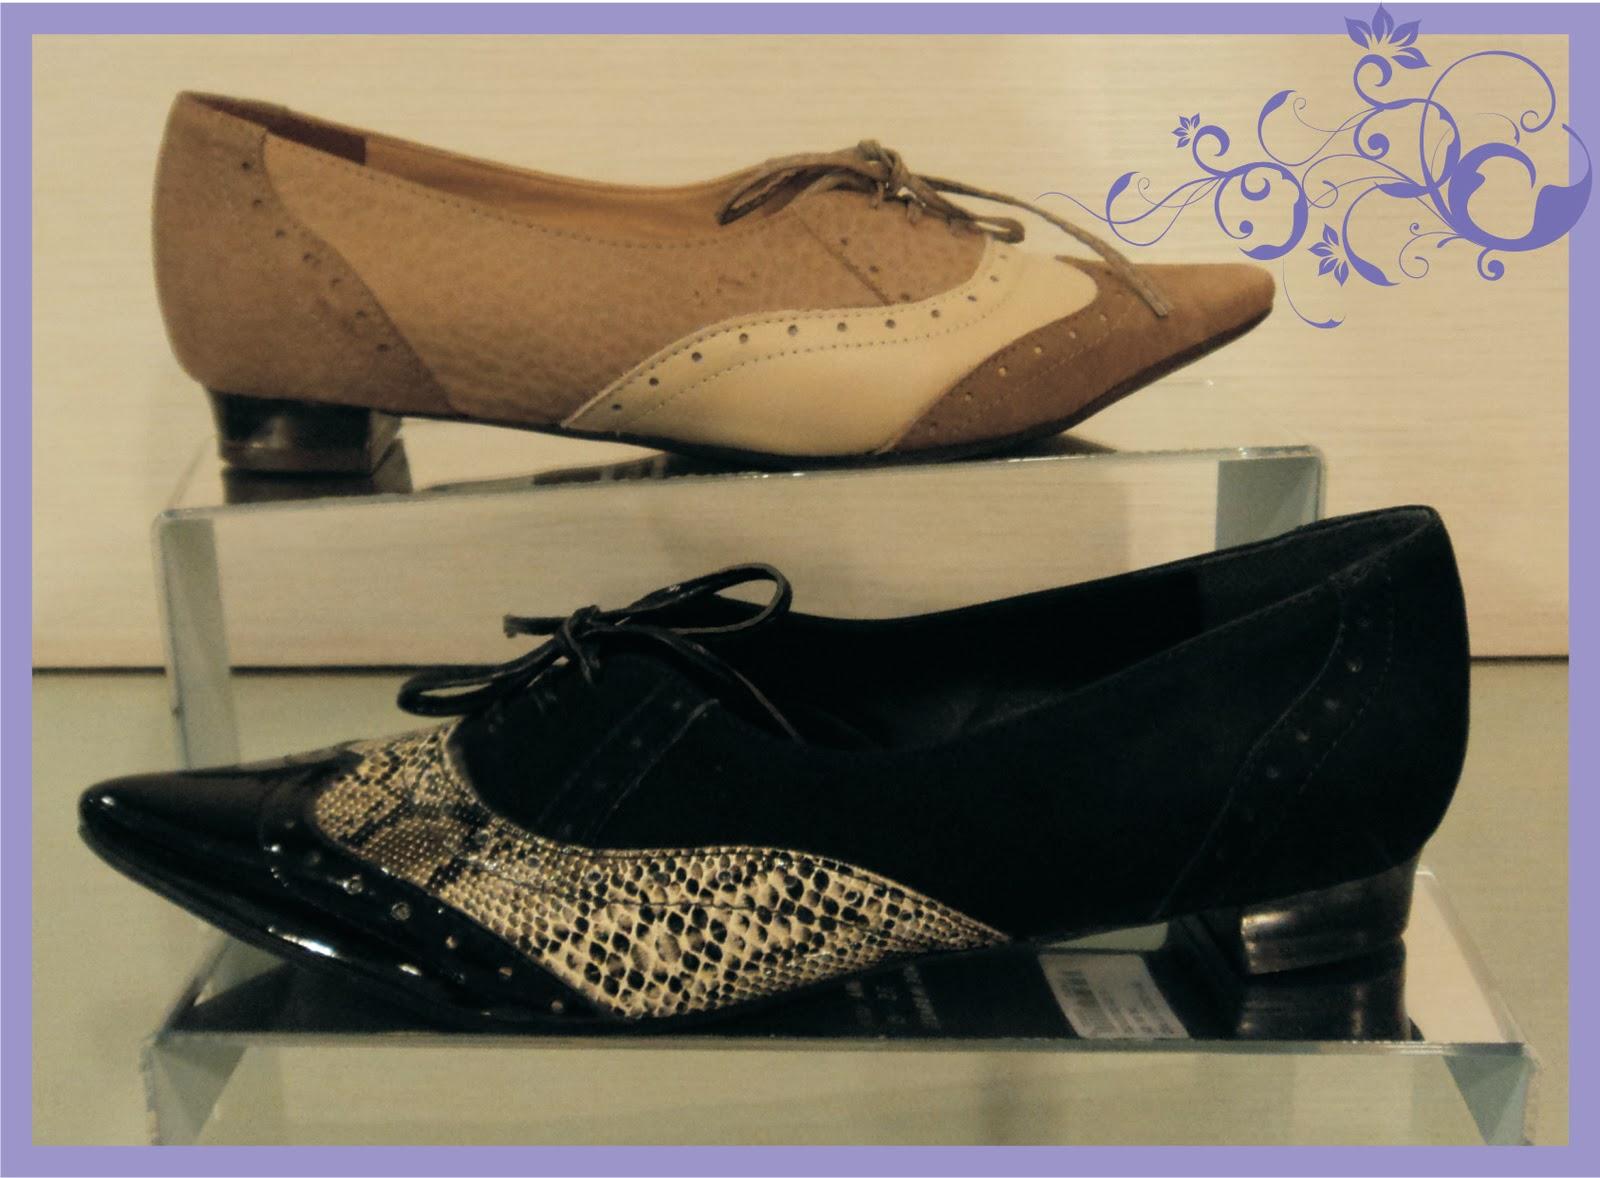 f1f0987c8 O sapato oxford, originalmente encontrado no guarda-roupa masculino, ganhou  versões especiais e acabou se tornando ícone de desejo entre as mulheres.